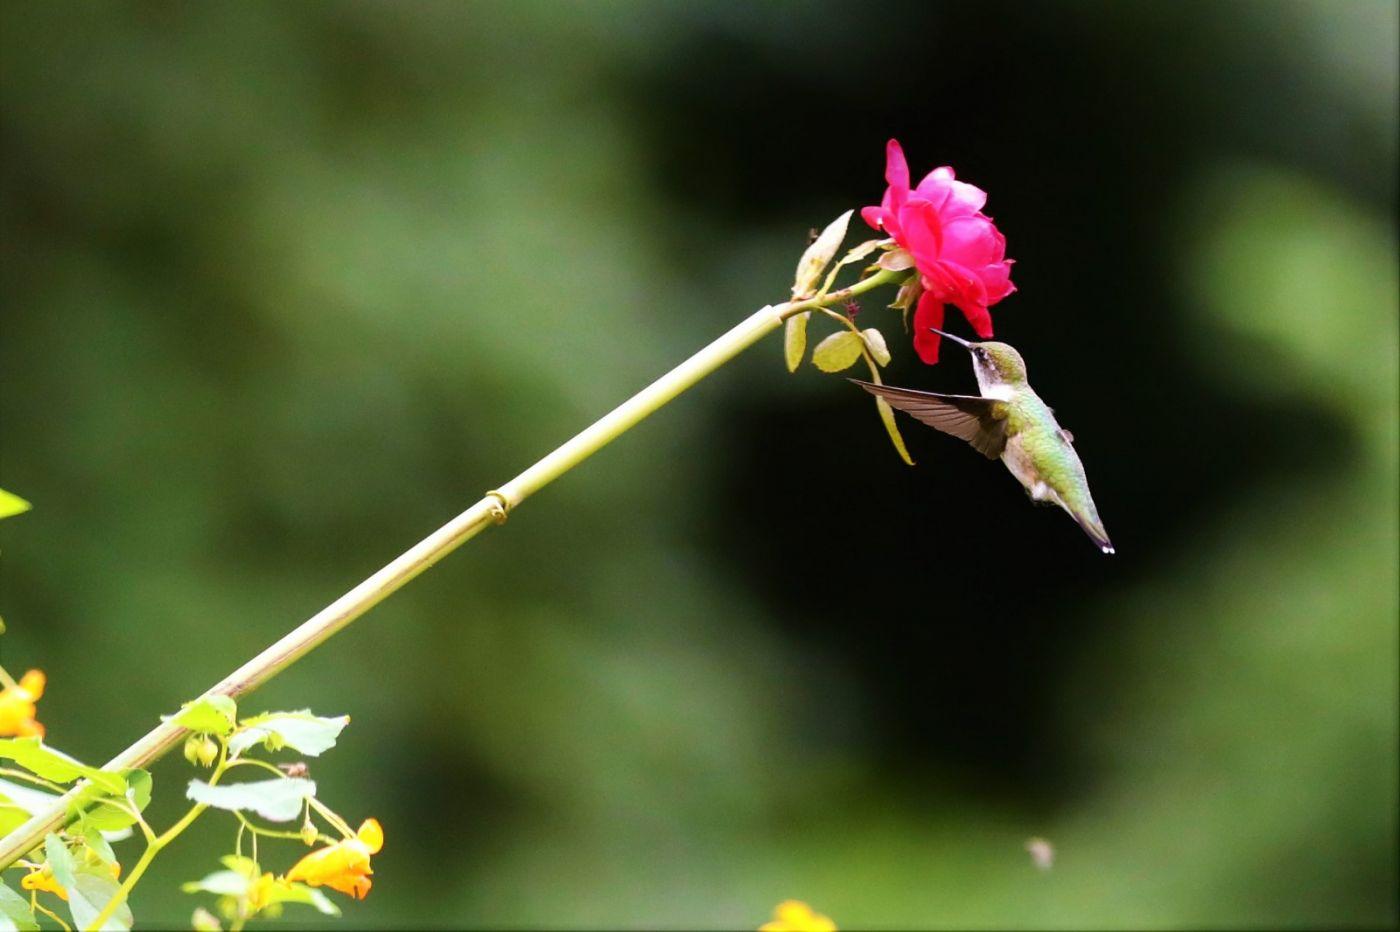 【爱摄影】追拍蜂鸟_图1-7